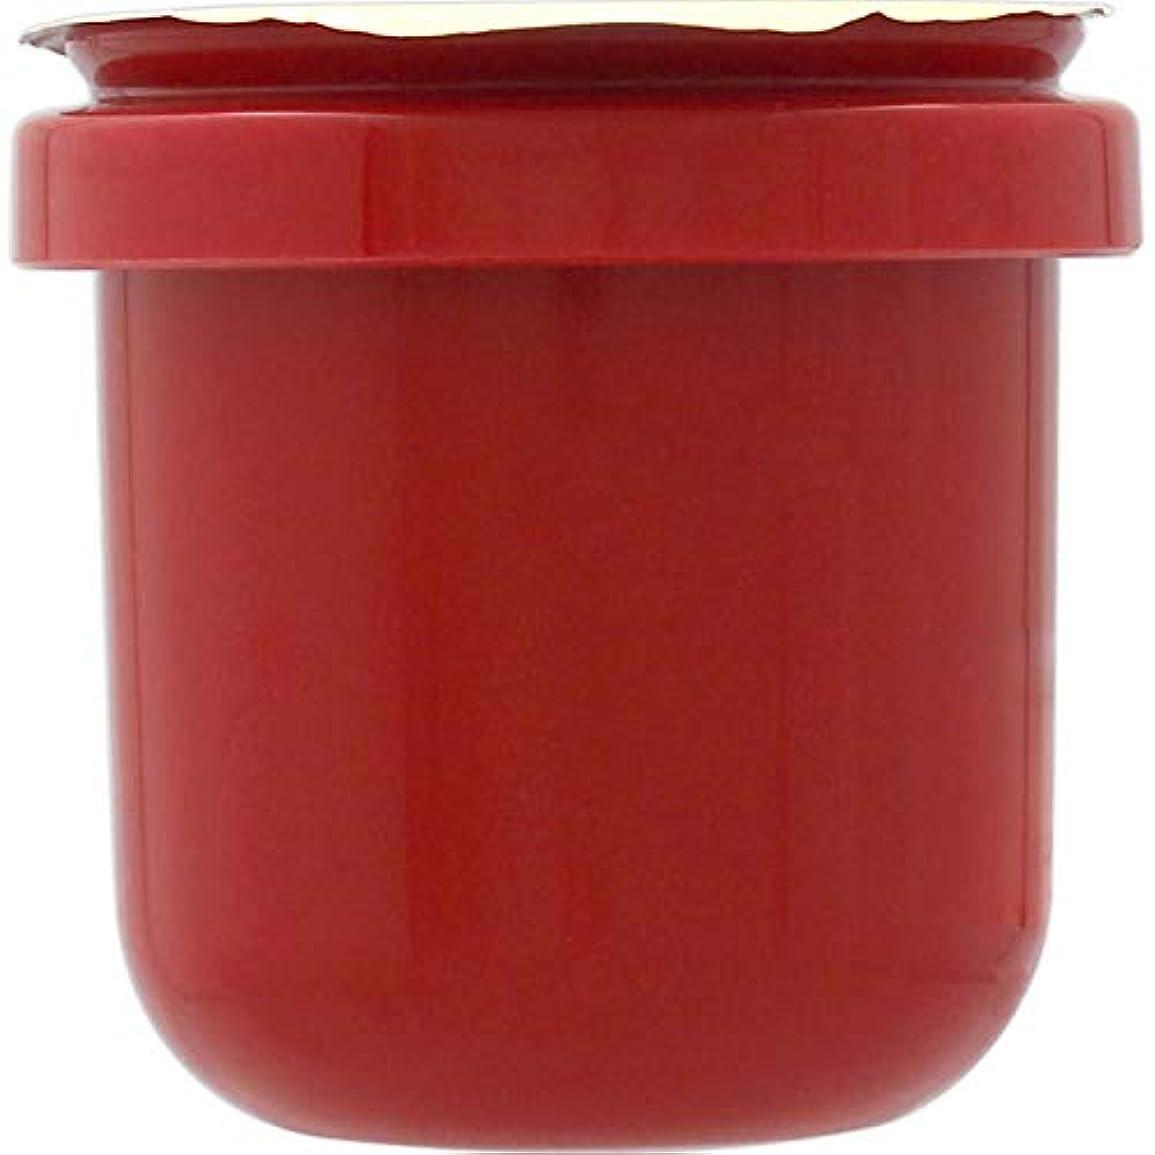 タイヤうぬぼれたシンク[医薬部外品] アスタブラン Wリフト センセーション (付けかえ用) 30g